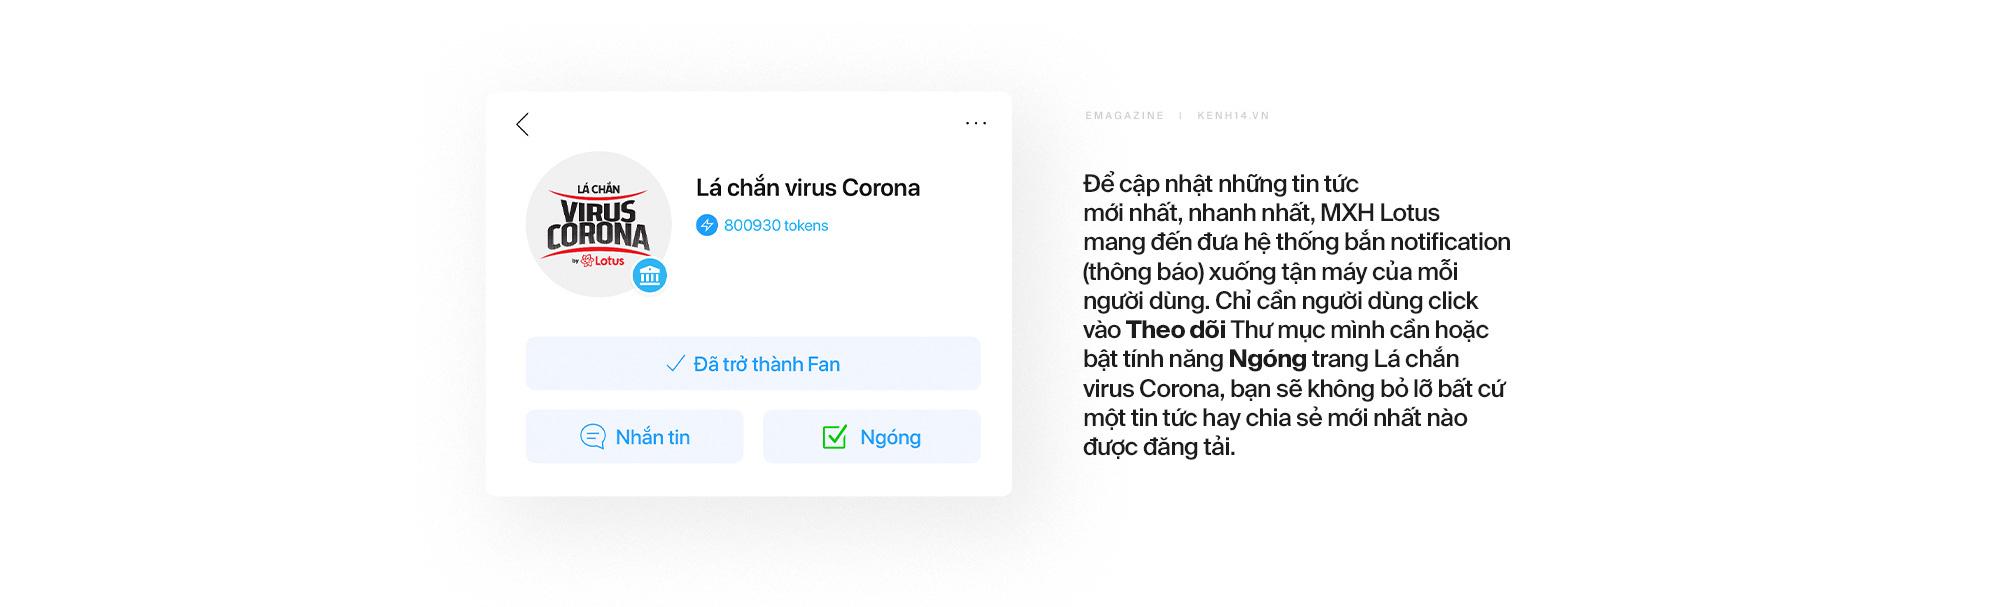 """Chiến dịch """"Lá chắn virus Corona: Để mỗi người trở thành một lá chắn bảo vệ mình và cả những người xung quanh - Ảnh 9."""